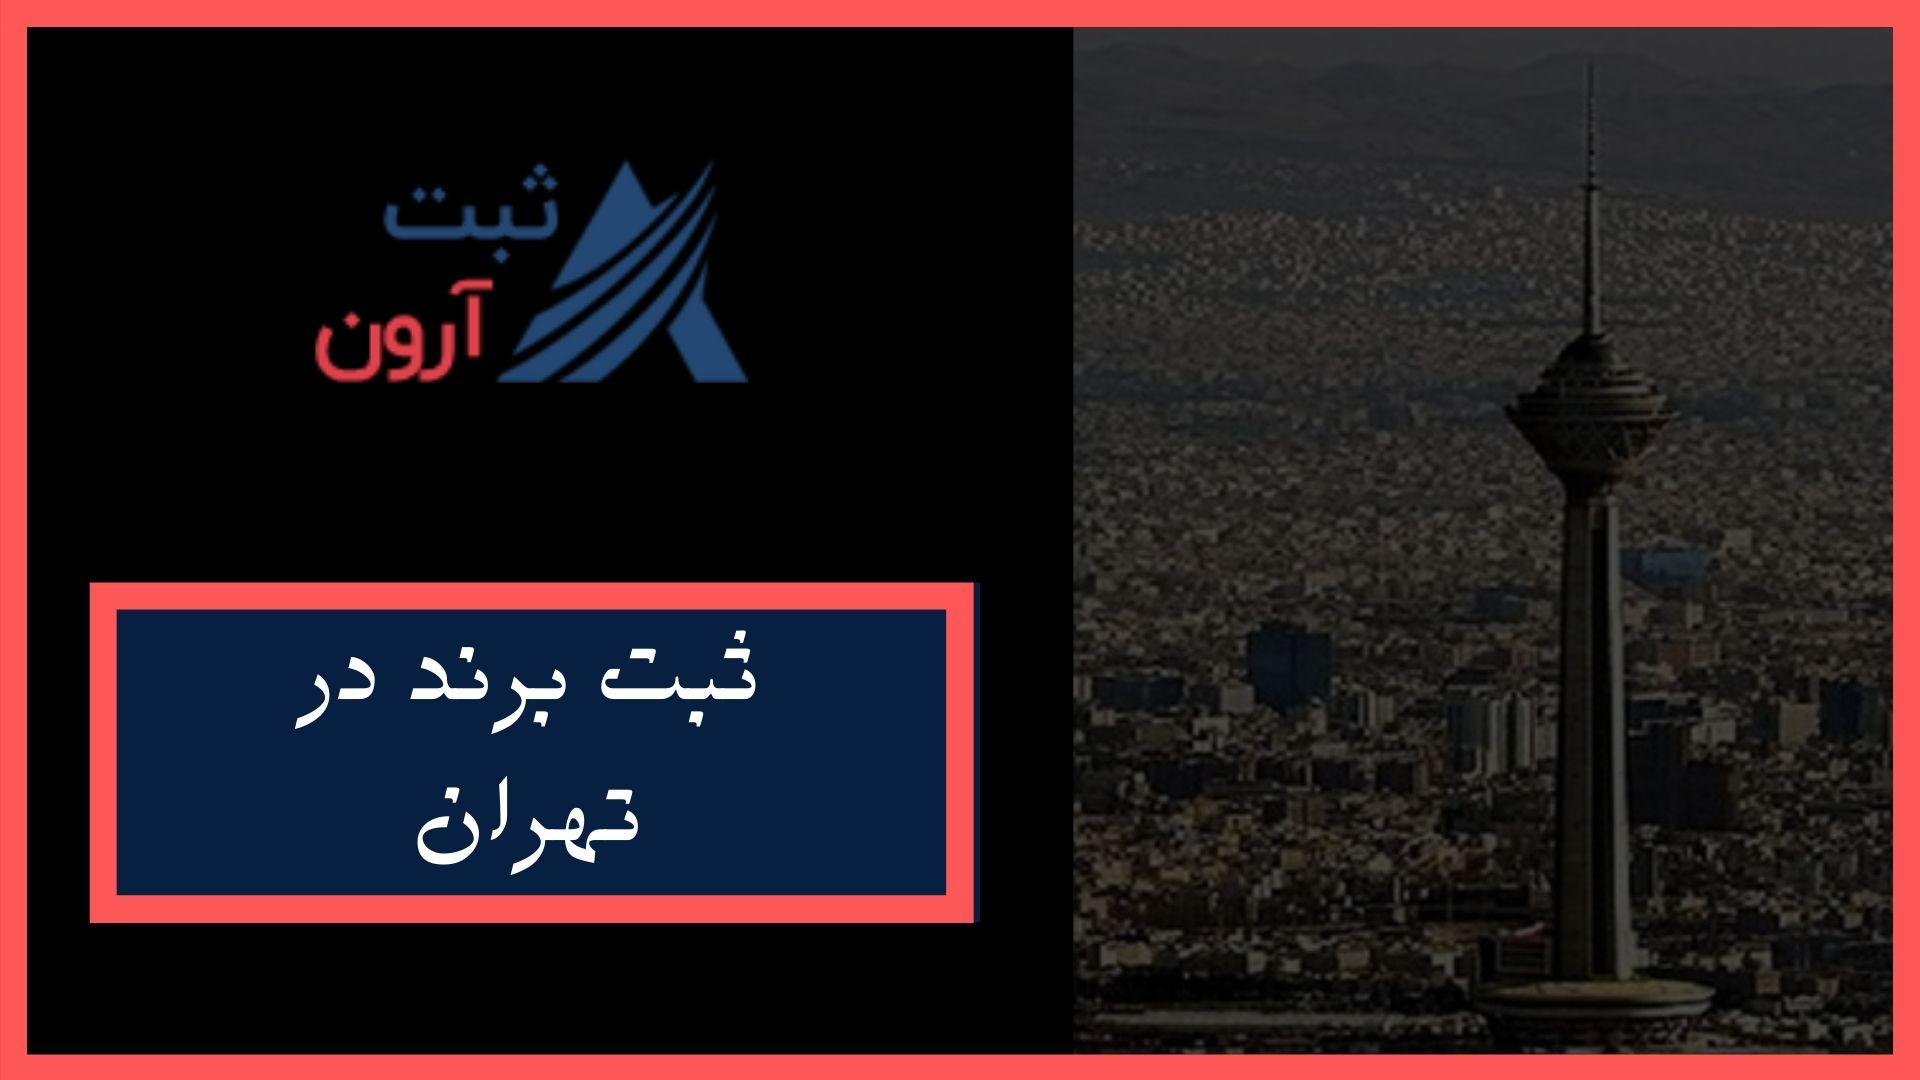 ثبت برند در تهران ، پروسه انجام ، هزینه و مدارک مورد نیاز